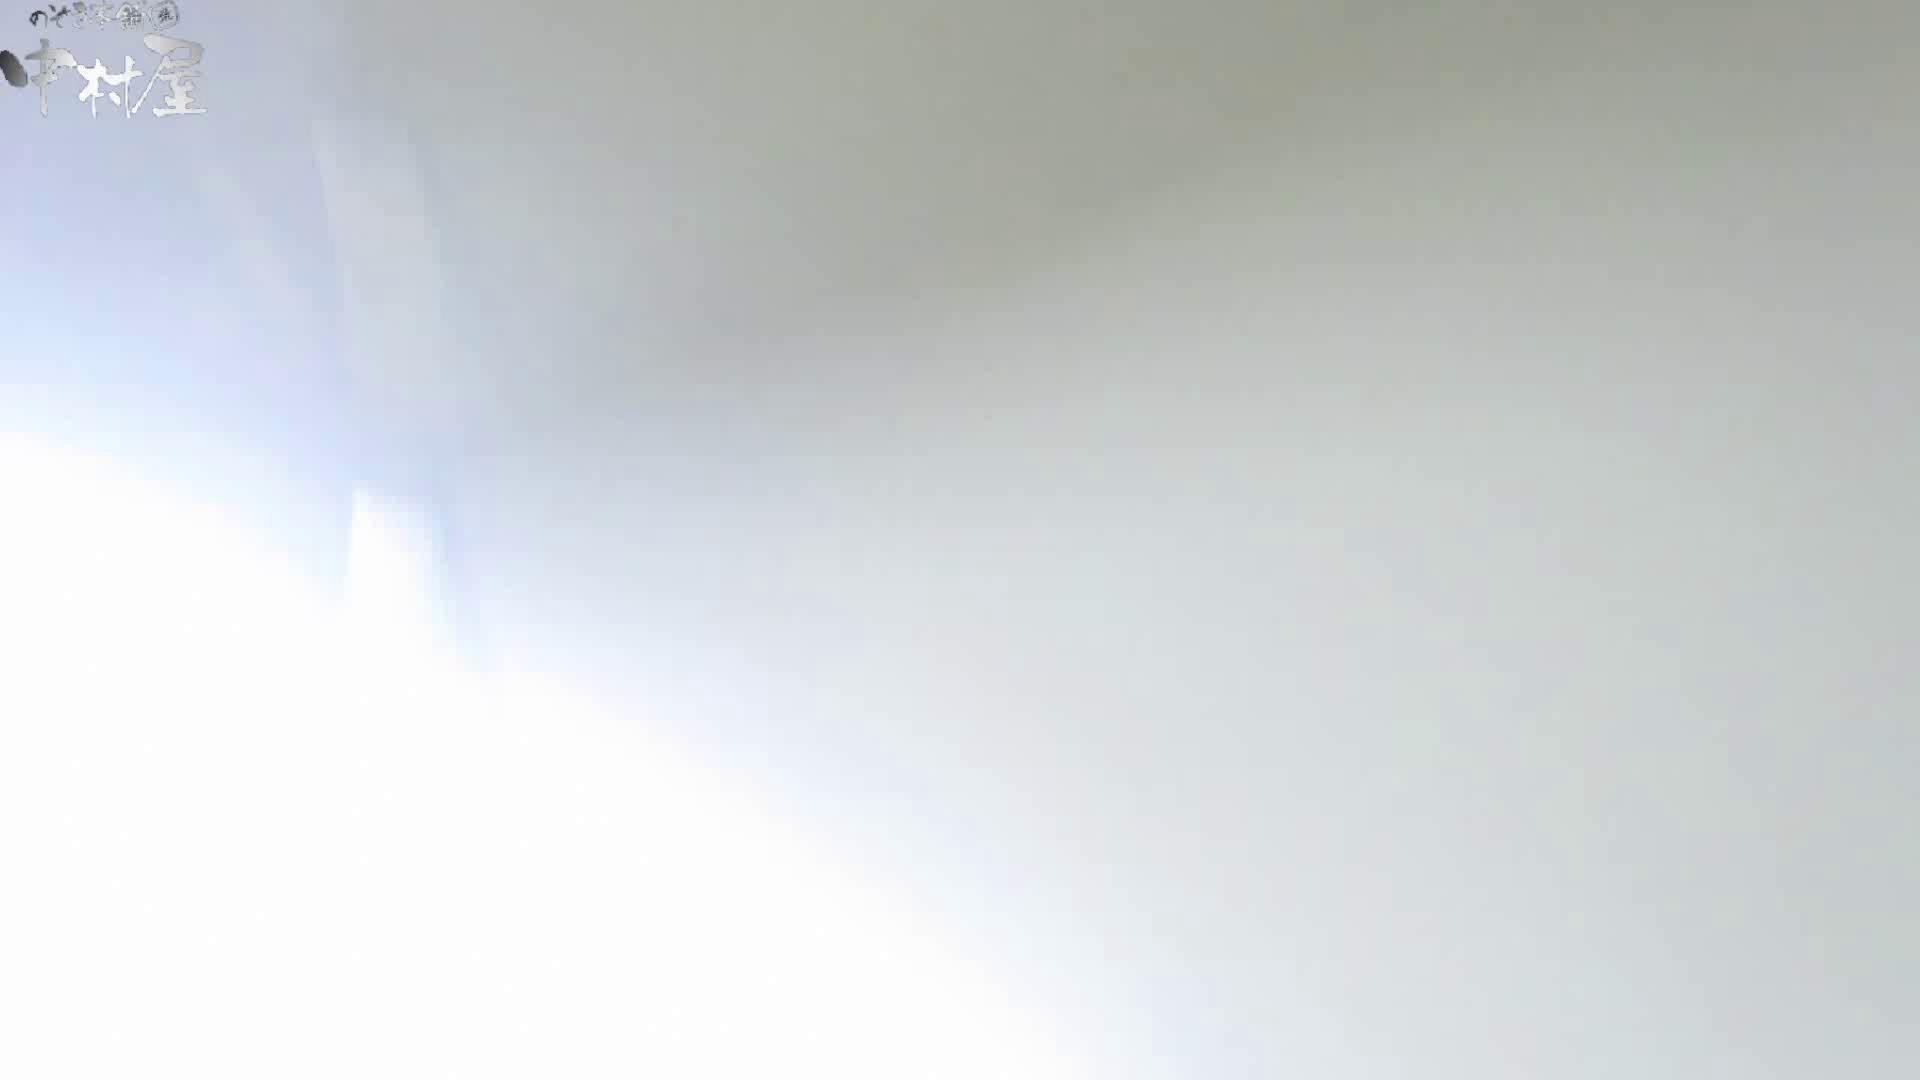 魂のかわや盗撮62連発! 中腰でオマンコパカァ~ 44発目! マンコ  83pic 42